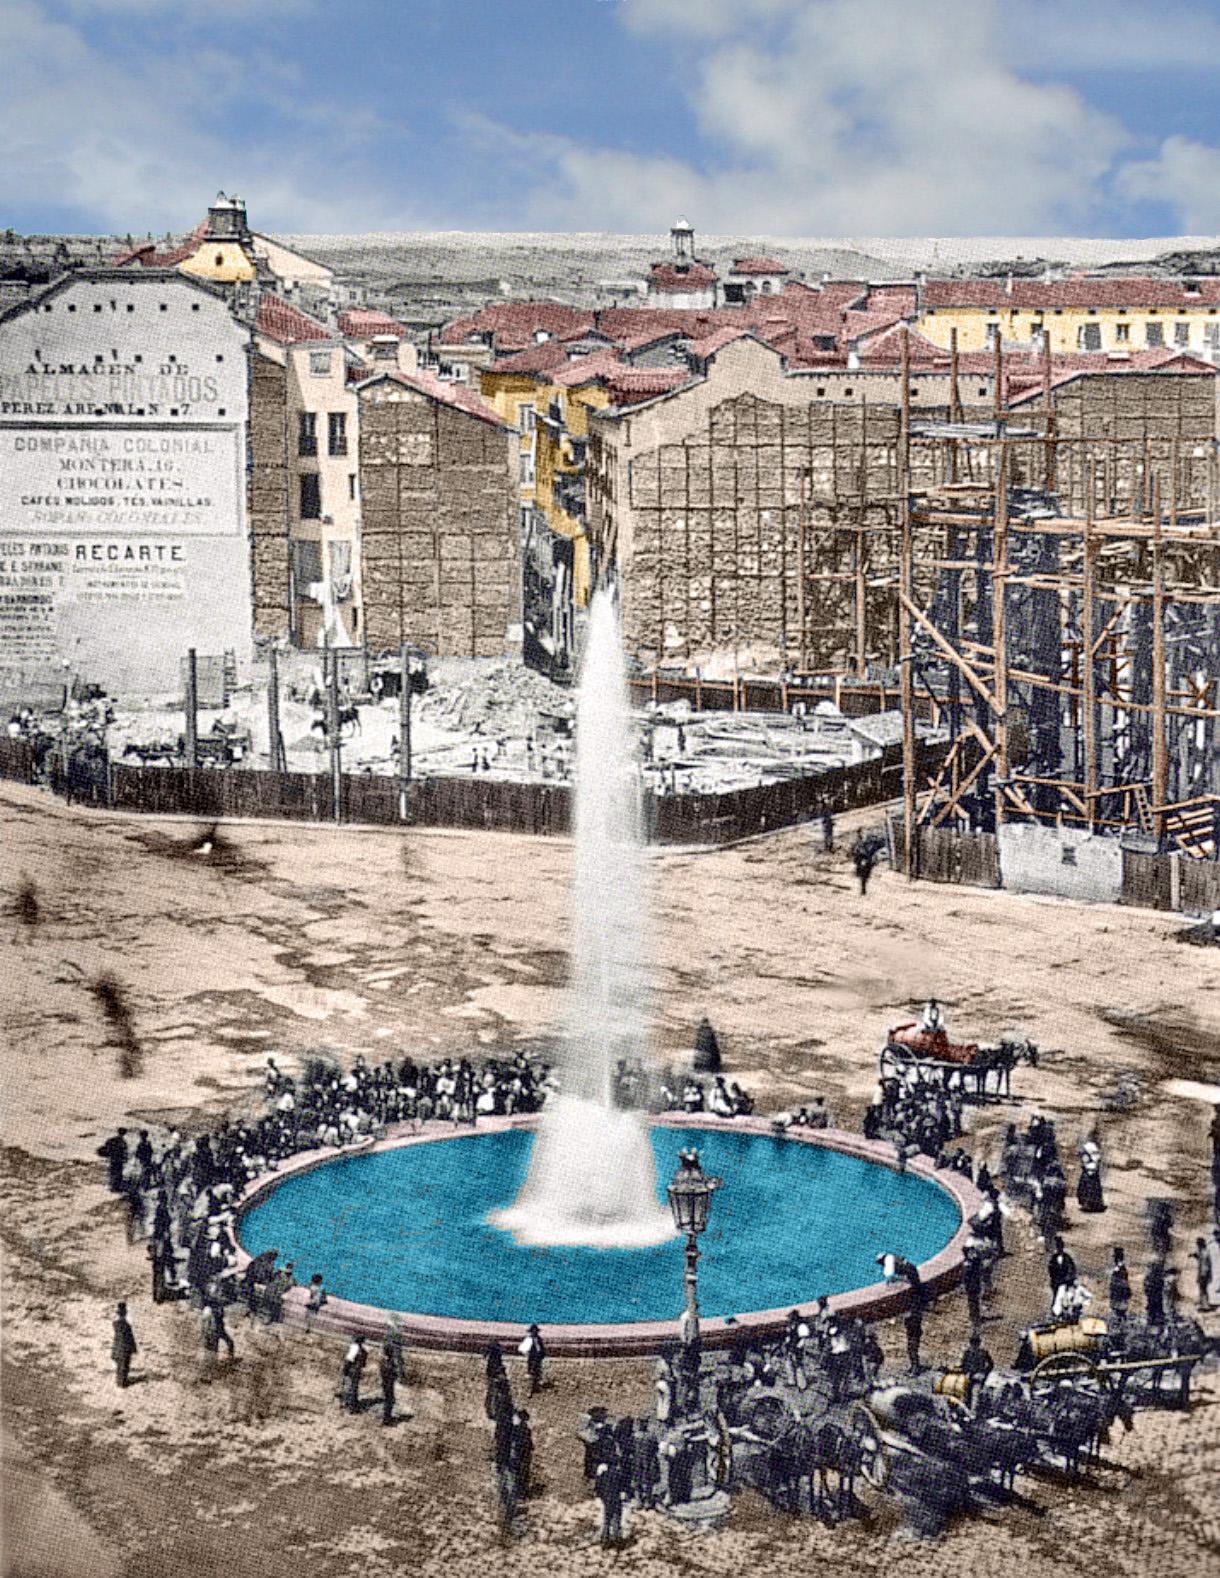 Madrid antiguo color portal fuenterrebollo for Fuente de la puerta del sol